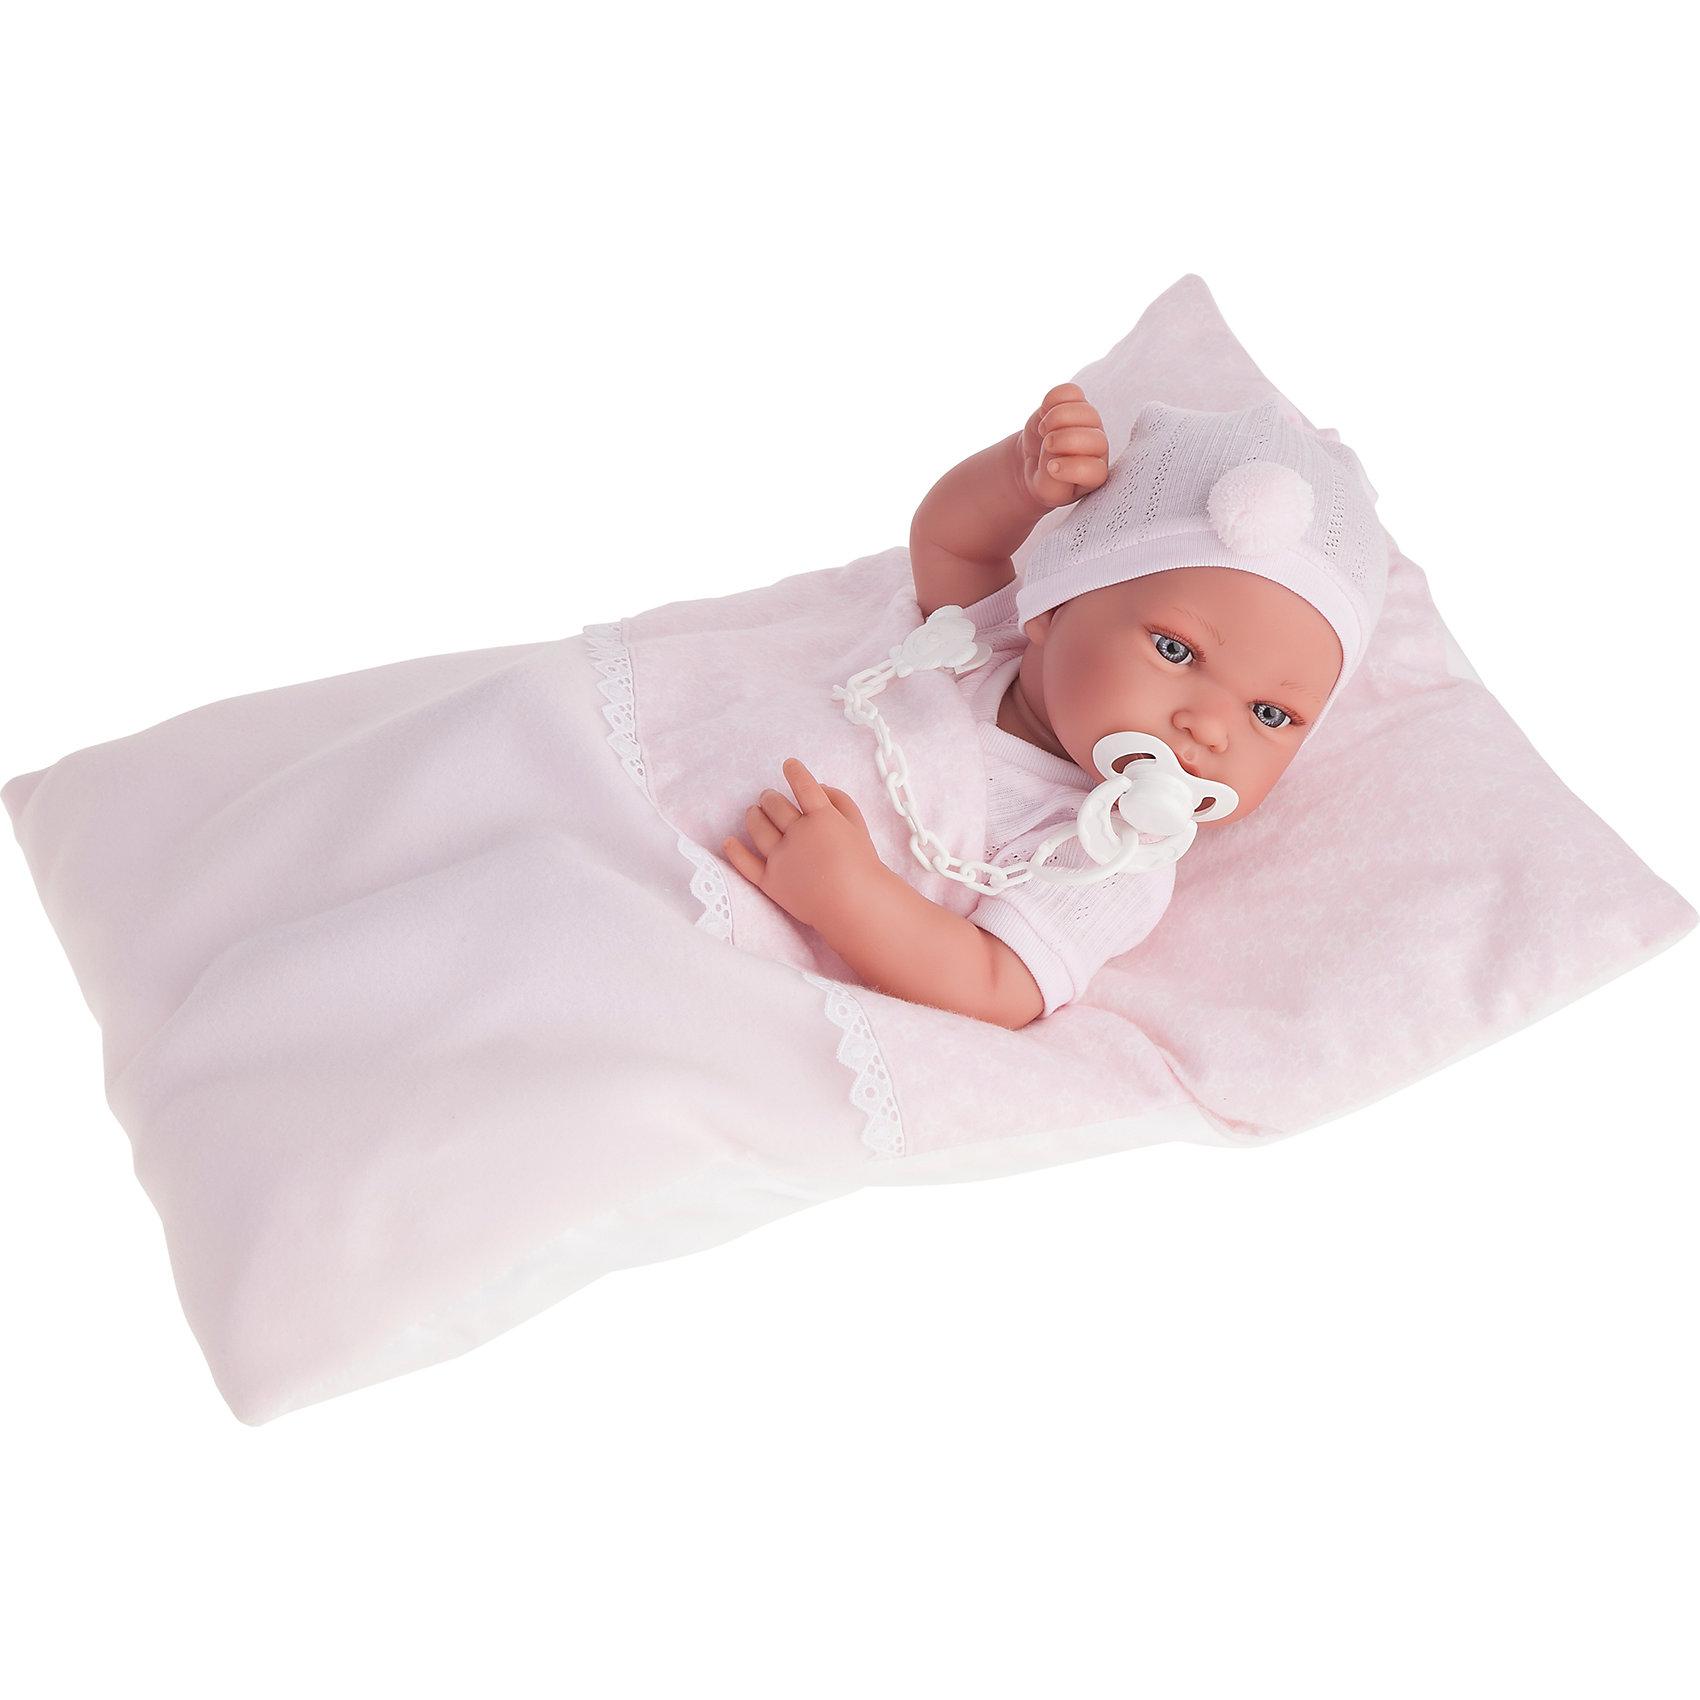 Munecas Antonio Juan Кукла-младенец Пипа в розовом, 42 см, Munecas Antonio Juan кукла младенец игнасио в голубом 42 см antonio juan munecas